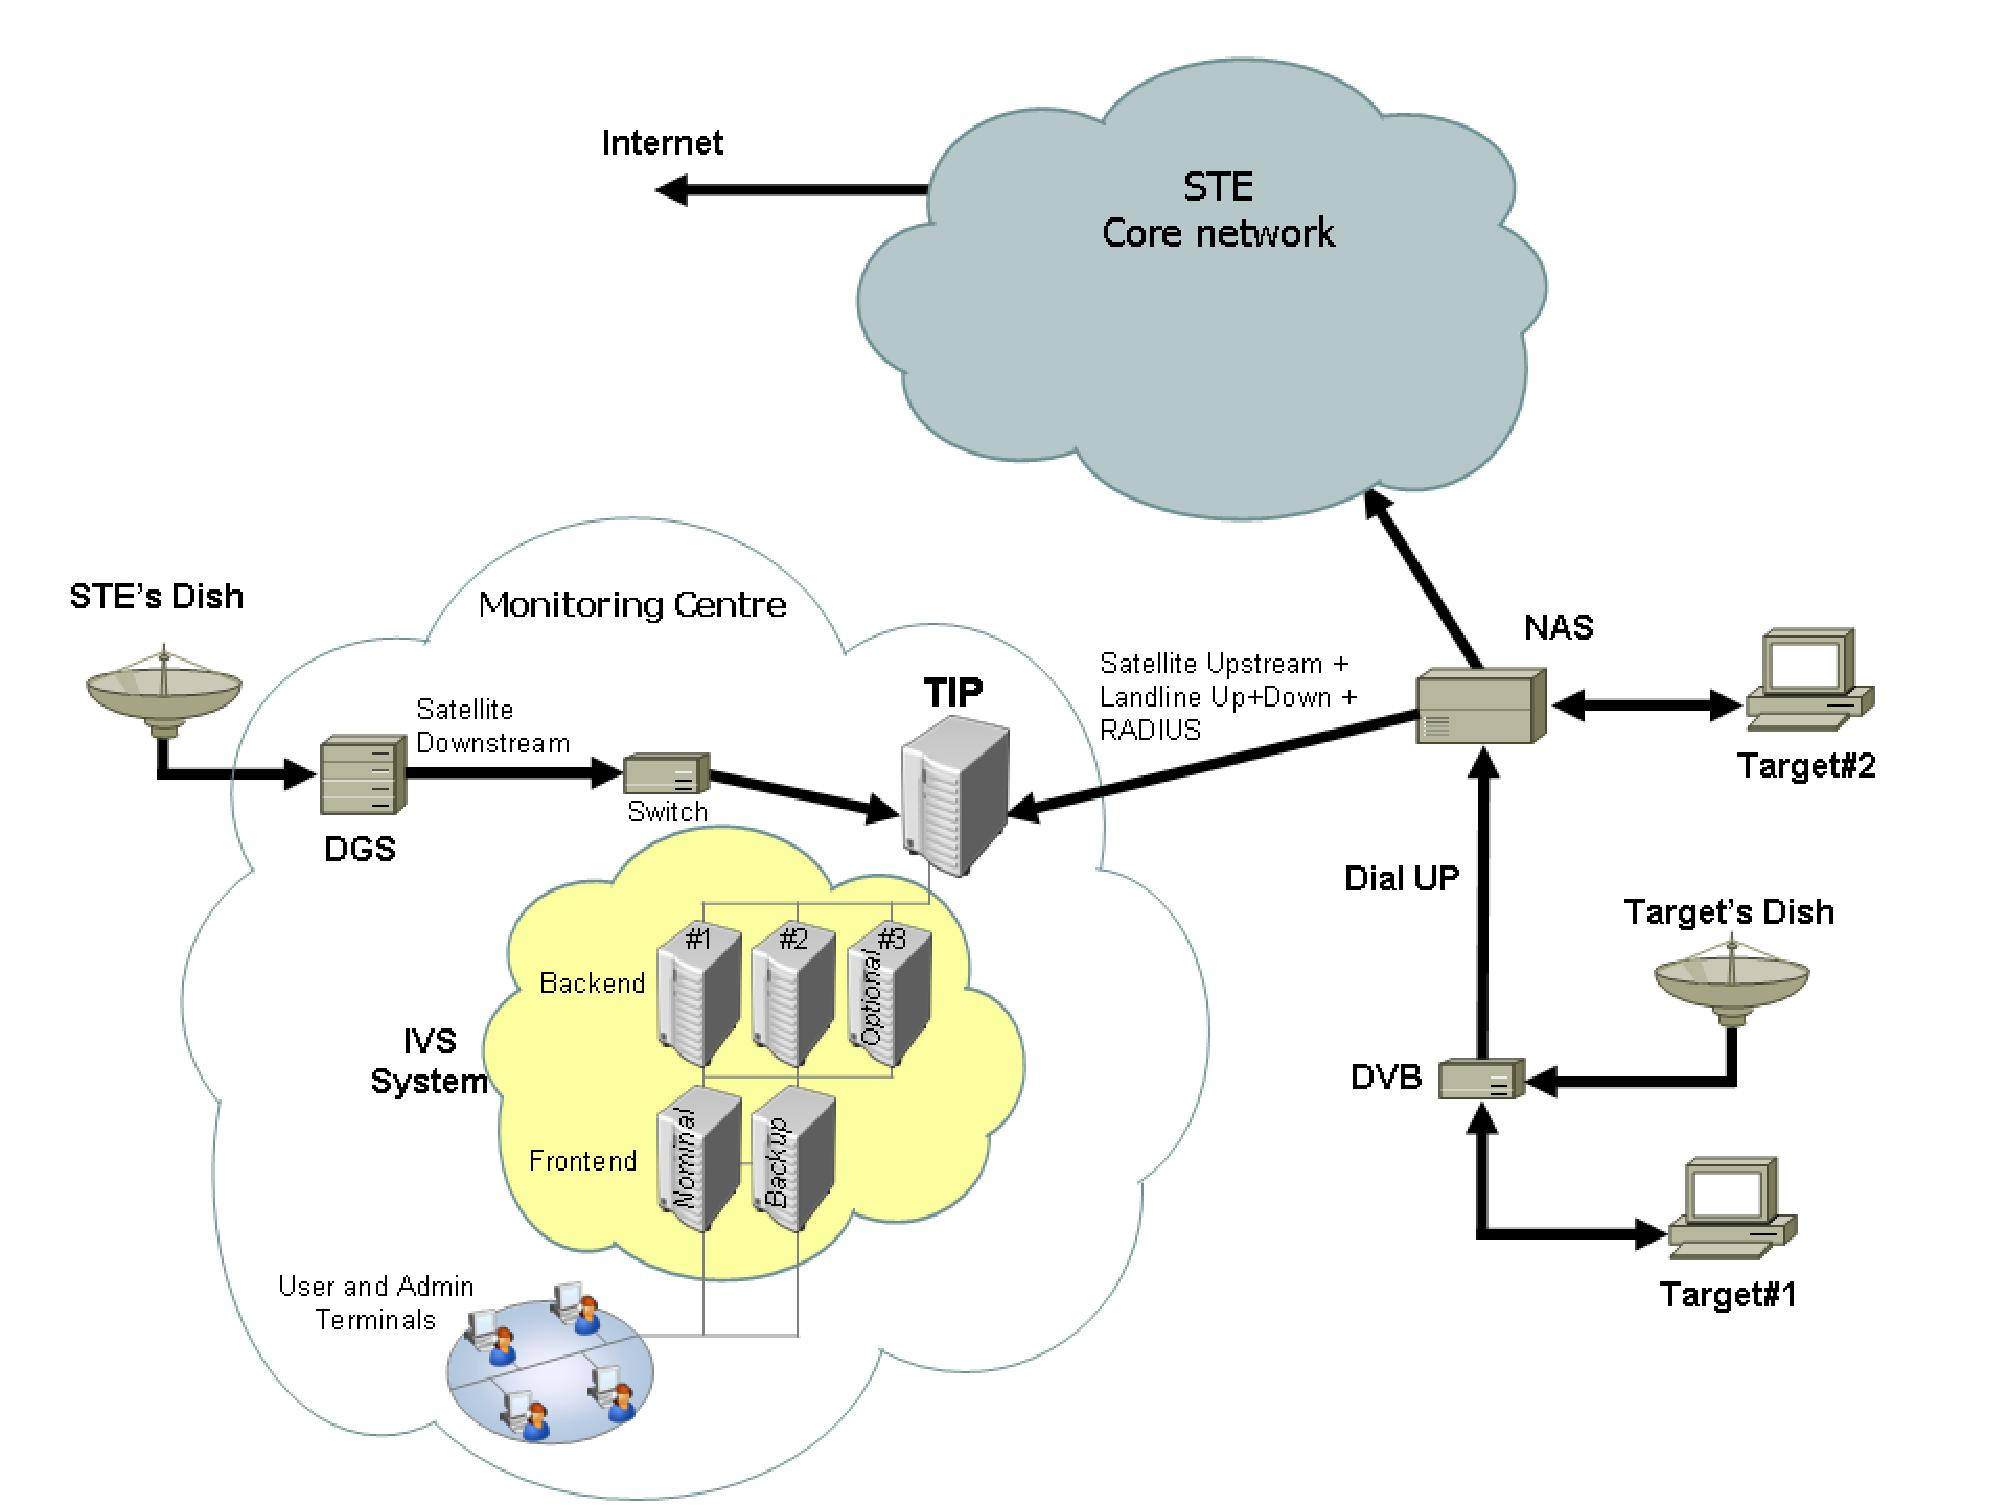 Schema des zu überwachenden Satelliten- und Internet-Netzwerks. Bild: AGT und RCS.